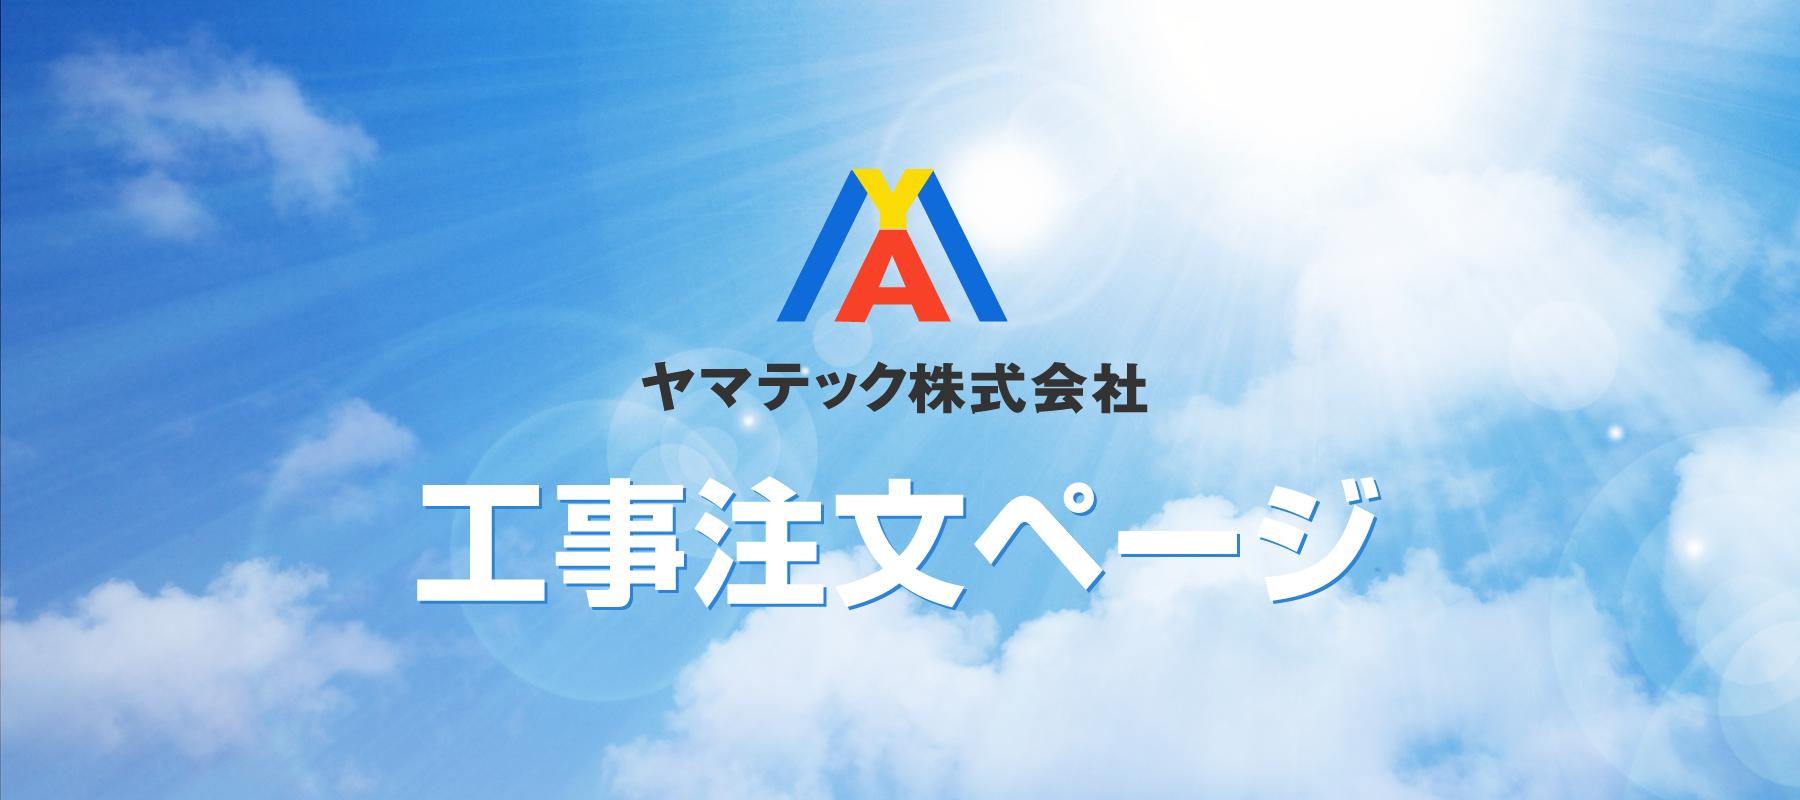 ヤマテック株式会社 工事注文ページ